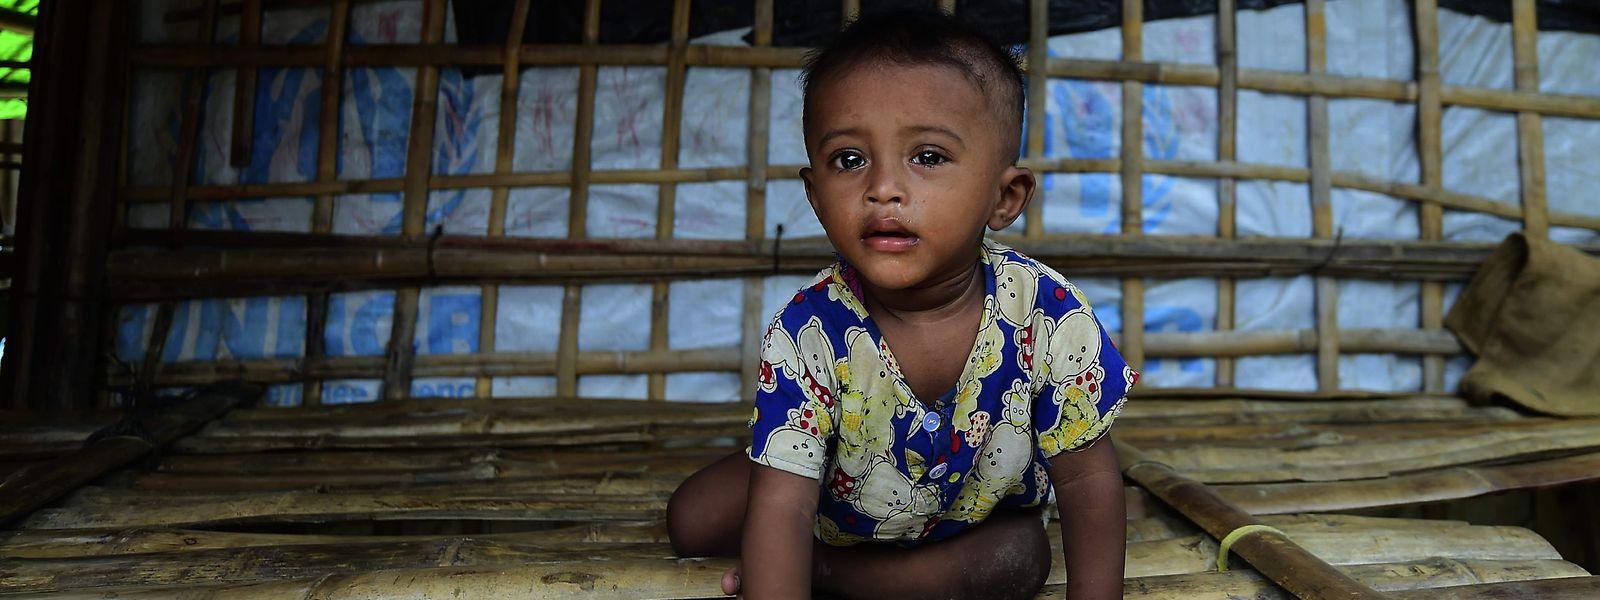 Ein Rohingya-Kind in einem Flüchtlingslager in Bangladesch.